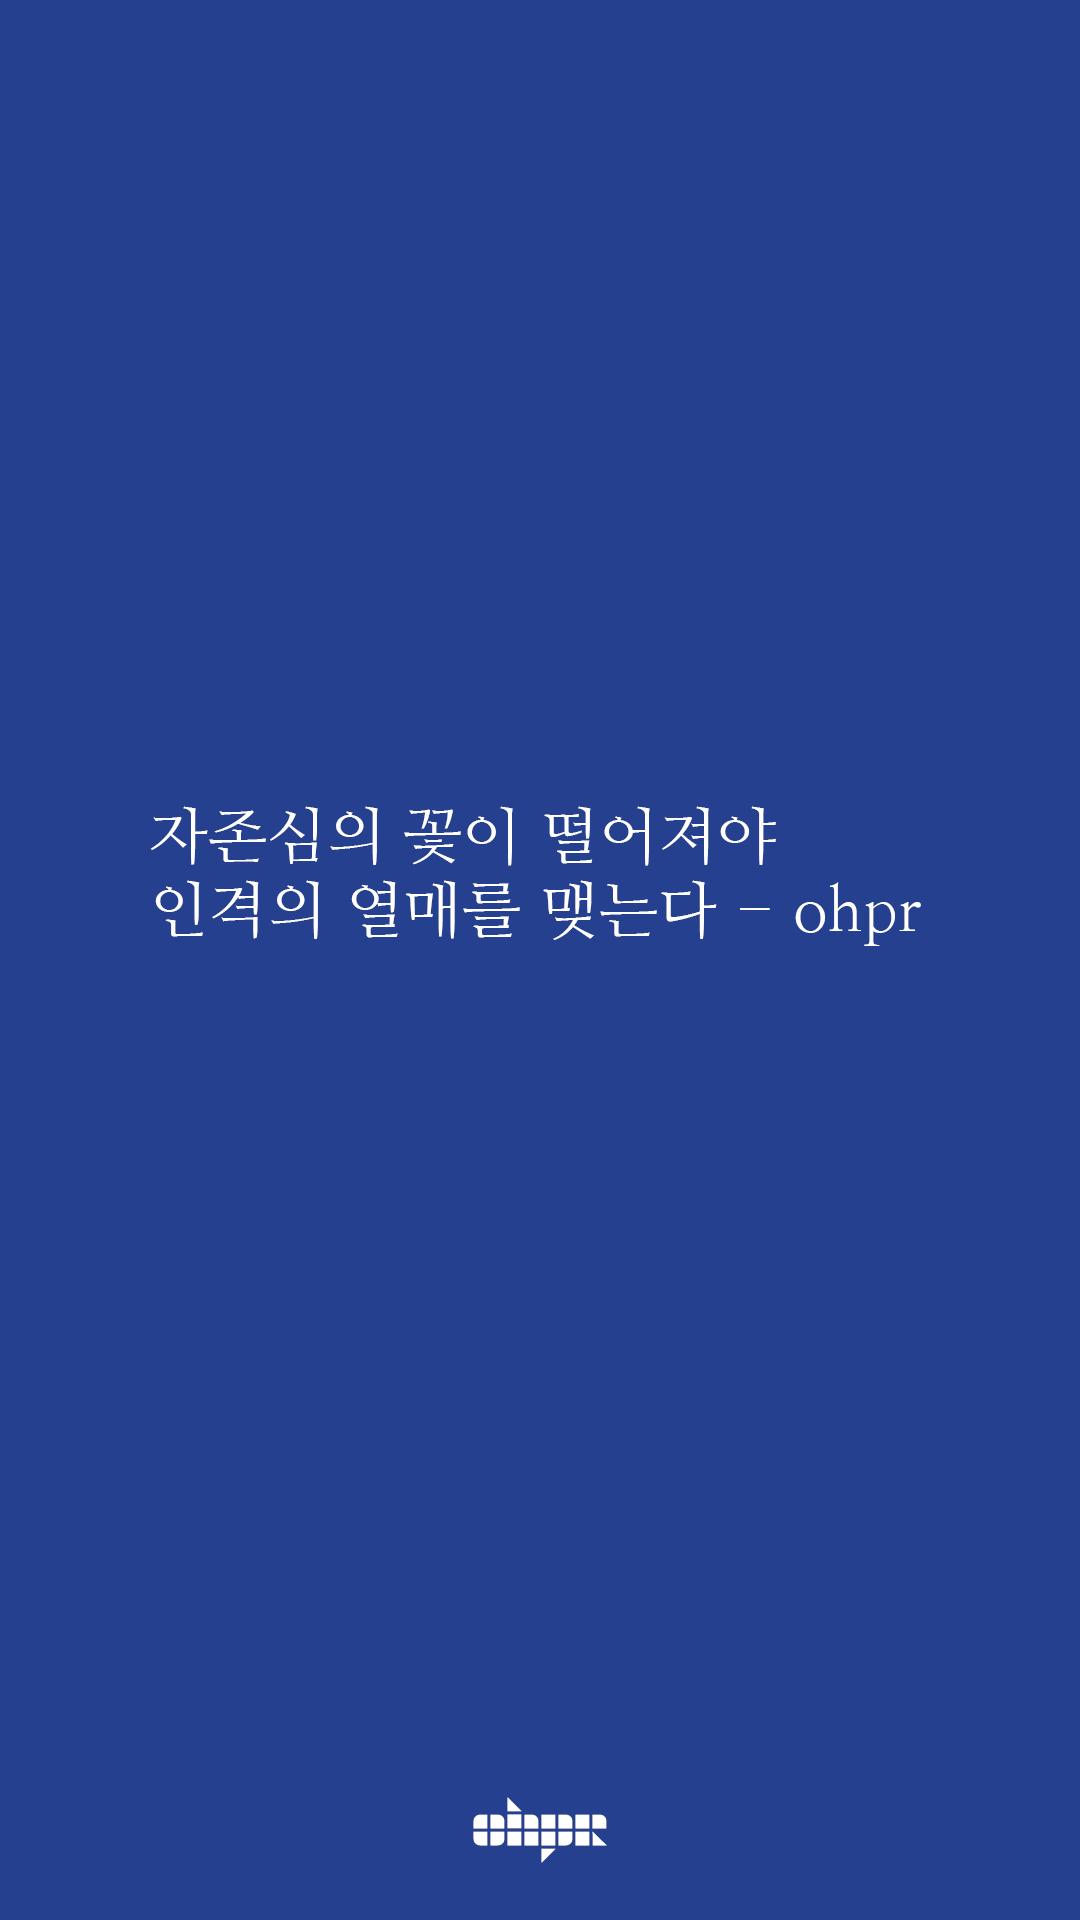 ohpr_wording37